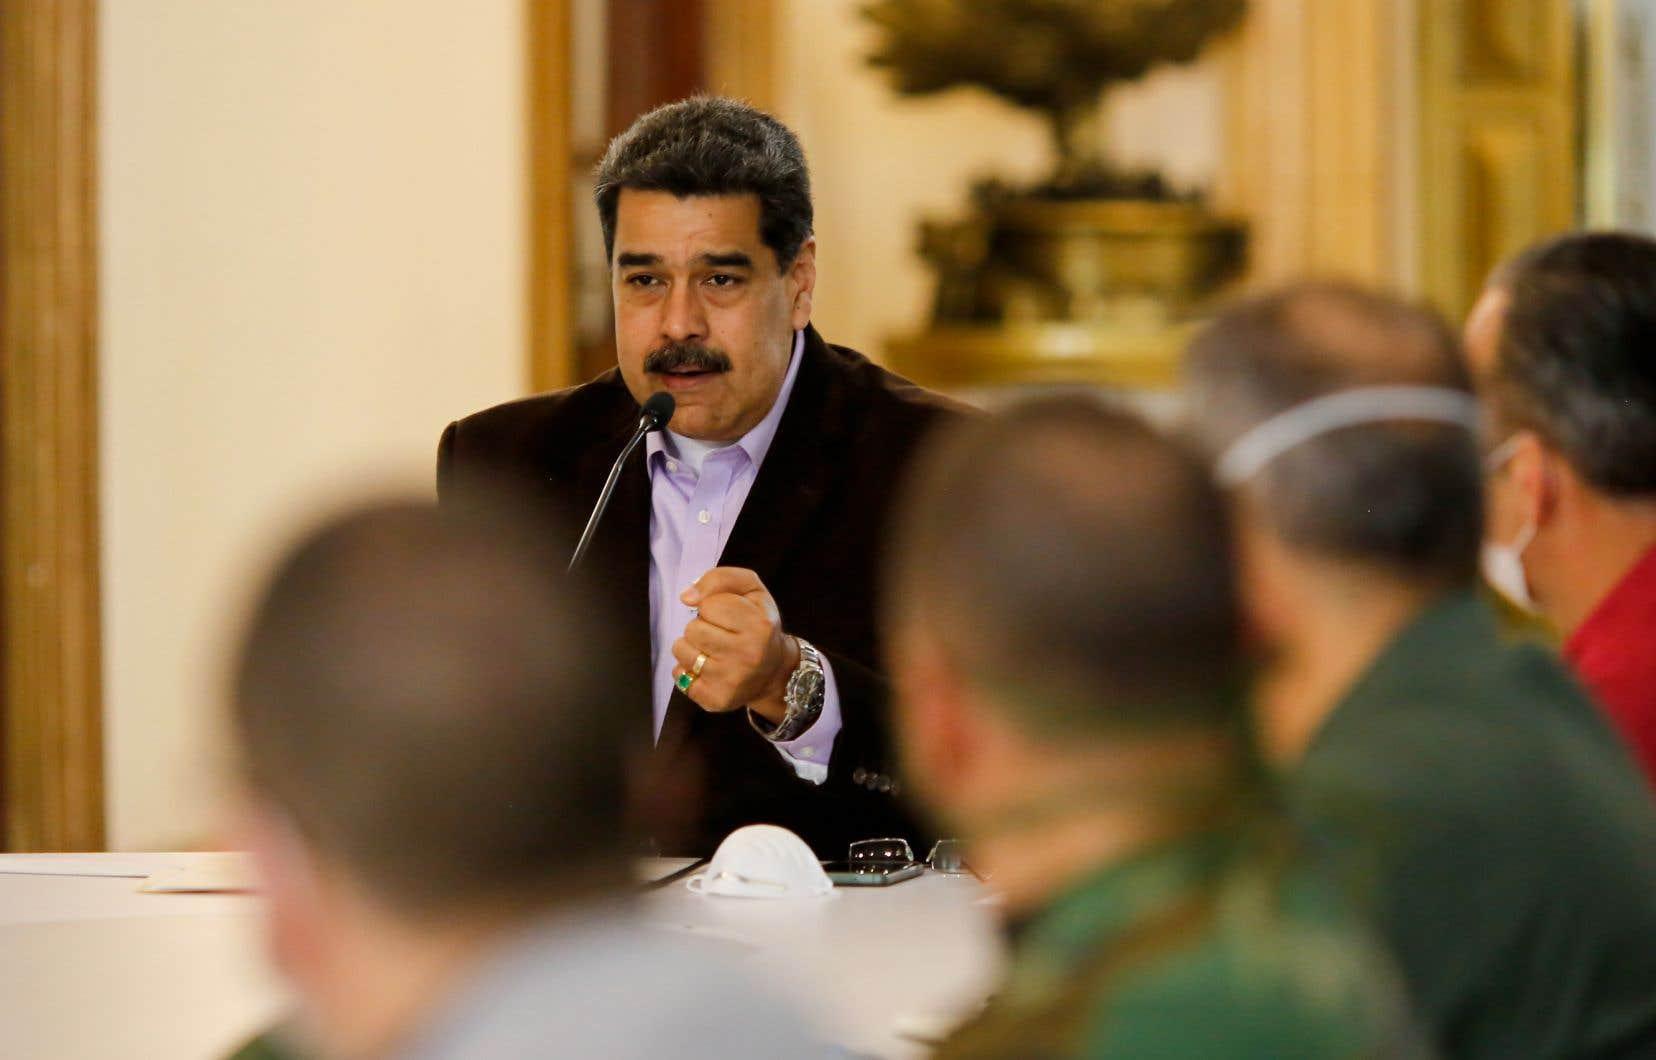 Washington offre une prime pouvant atteindre 15millions de dollars pour toute information qui permettrait d'arrêter le président vénézuélien, Nicolás Maduro.